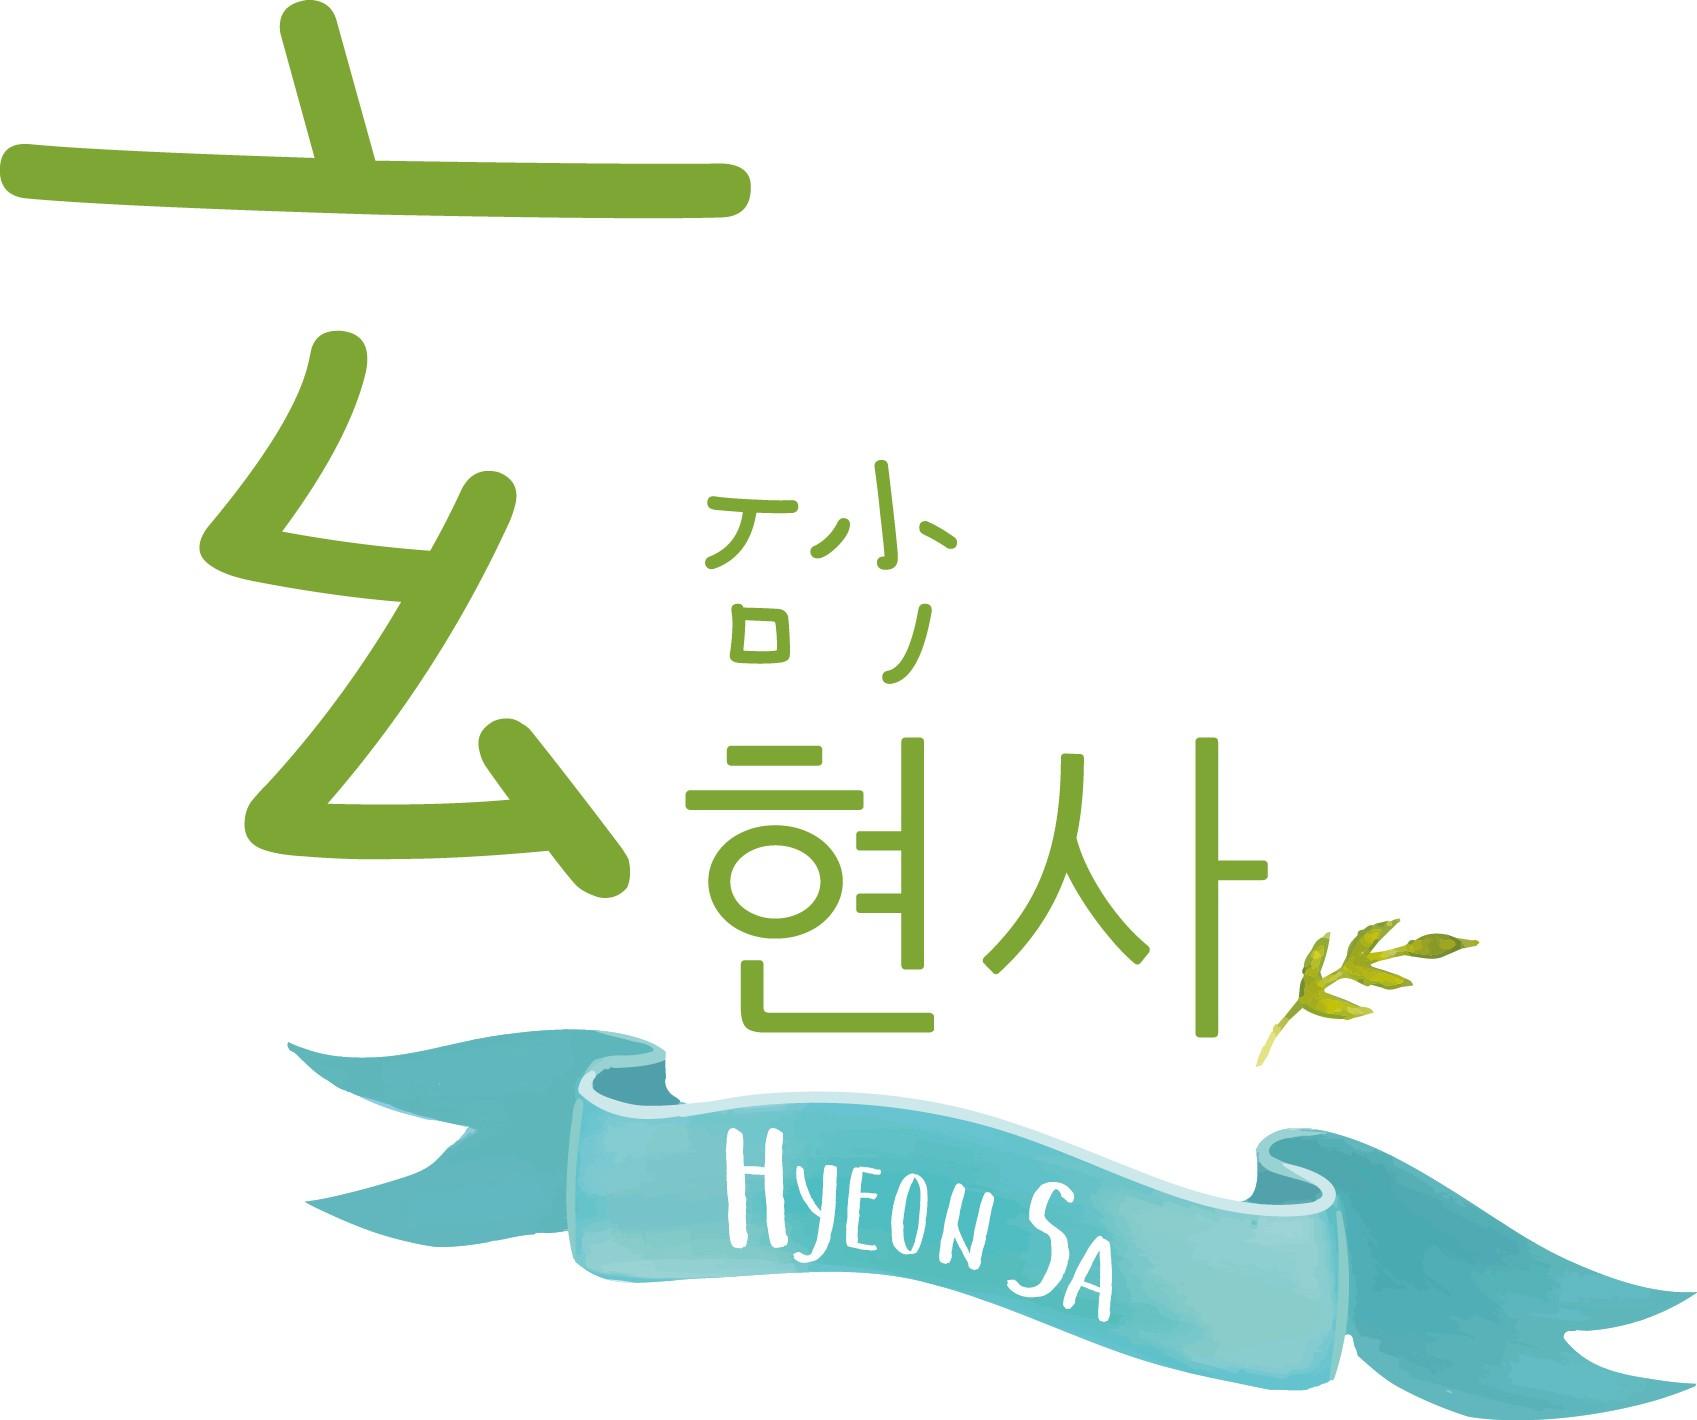 HYEON SA